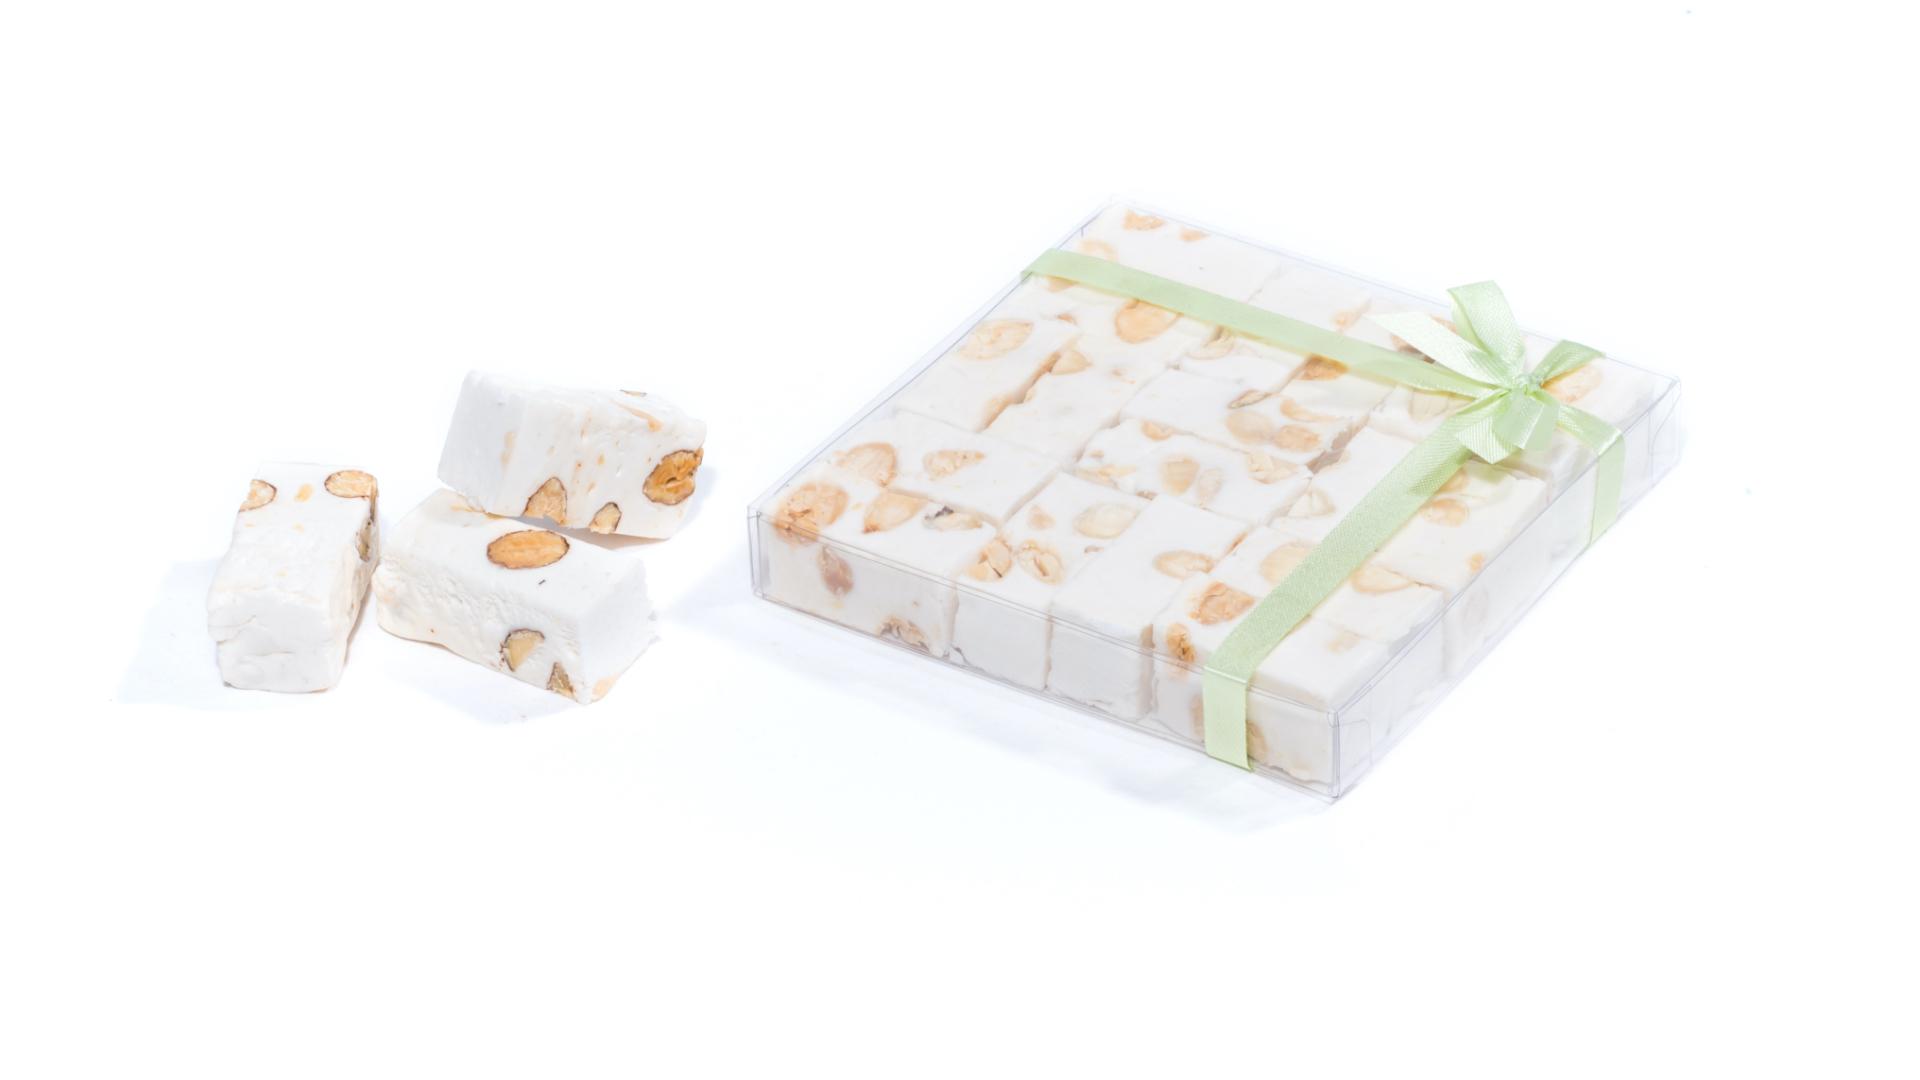 Verpakkingen voor confiserie   Verpakkingen voor banketbakkers